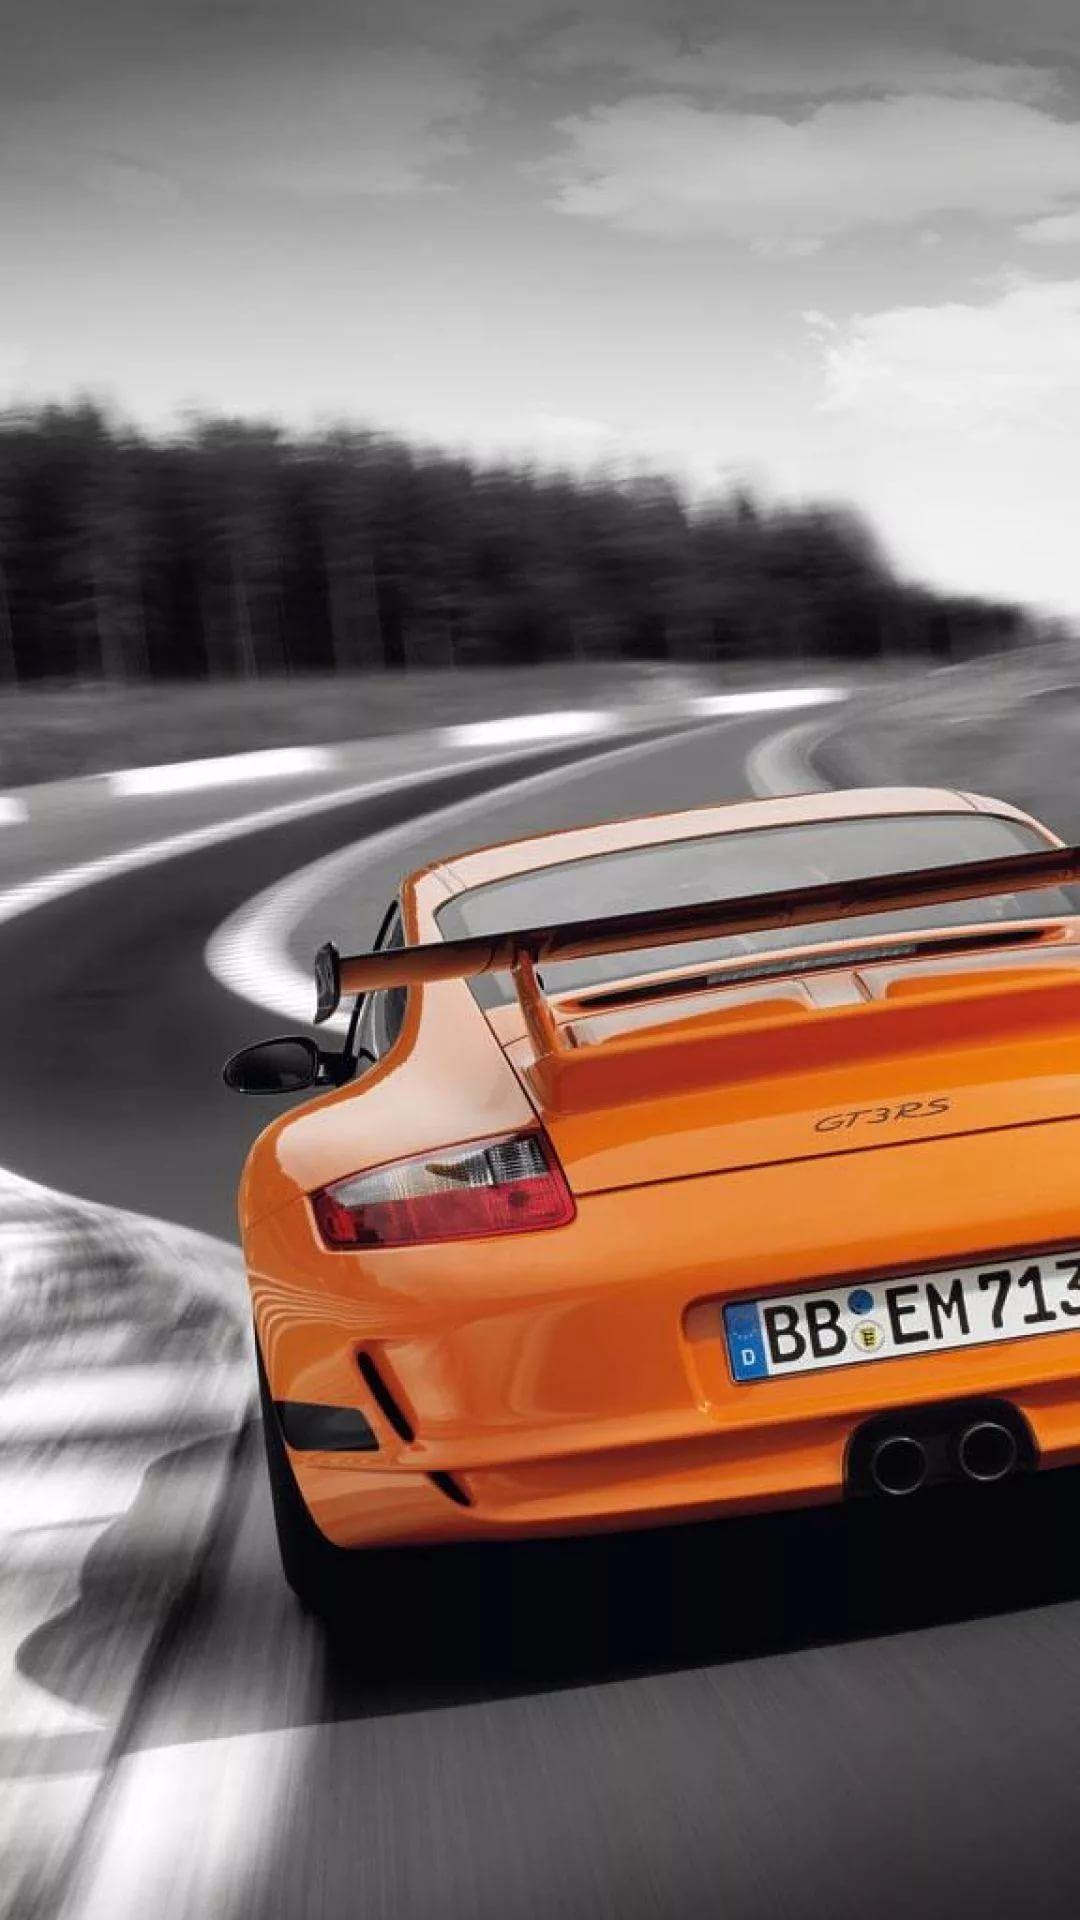 Porsche Gt3 Rs iPhone wallpaper